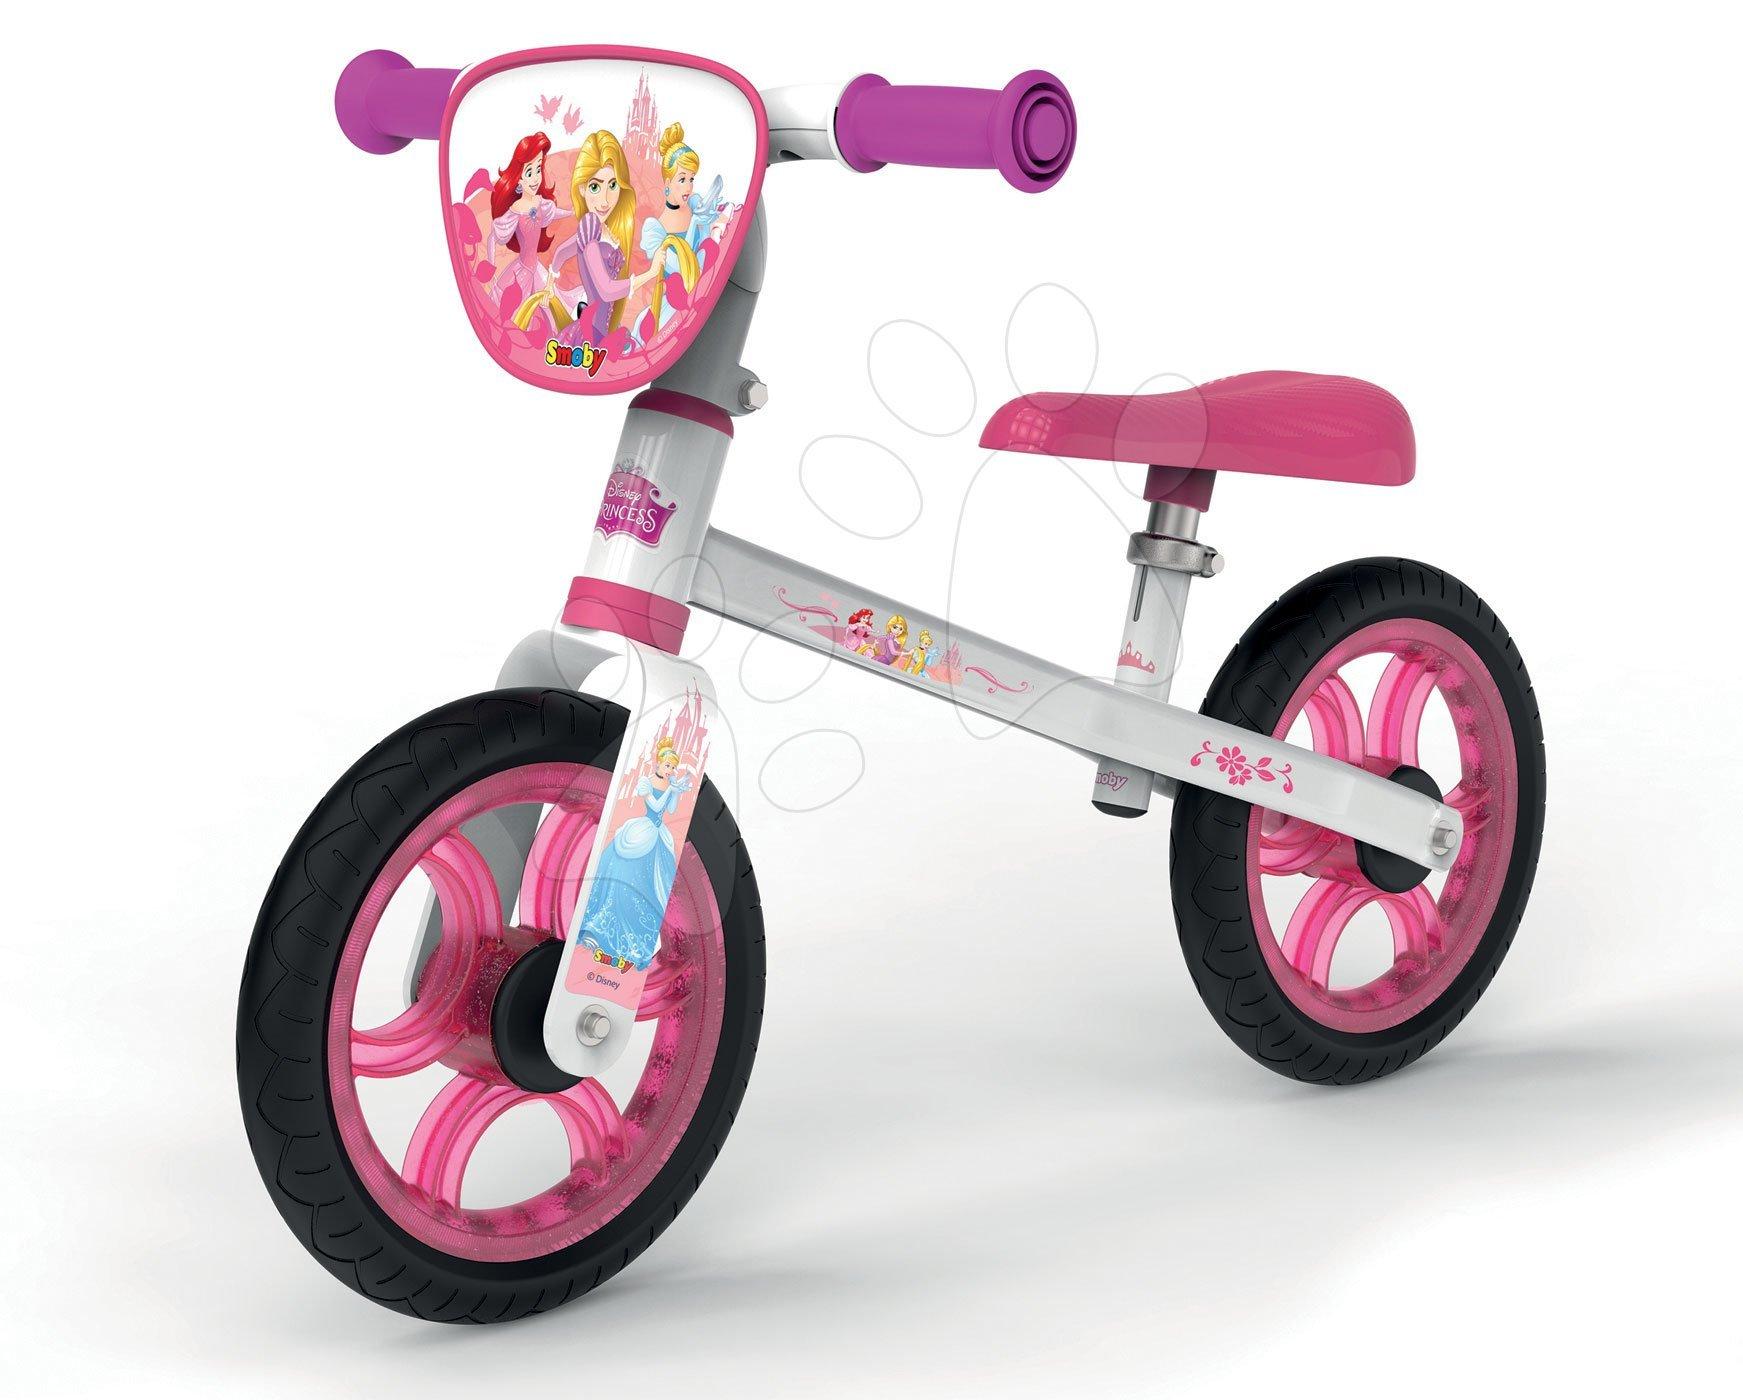 Guralice za djecu od 18 mjeseci - Balansna guralica Disney Princess First Bike Smoby s metalnom konstrukcijom i prilagodljivim sjedalom od 24 mjeseca